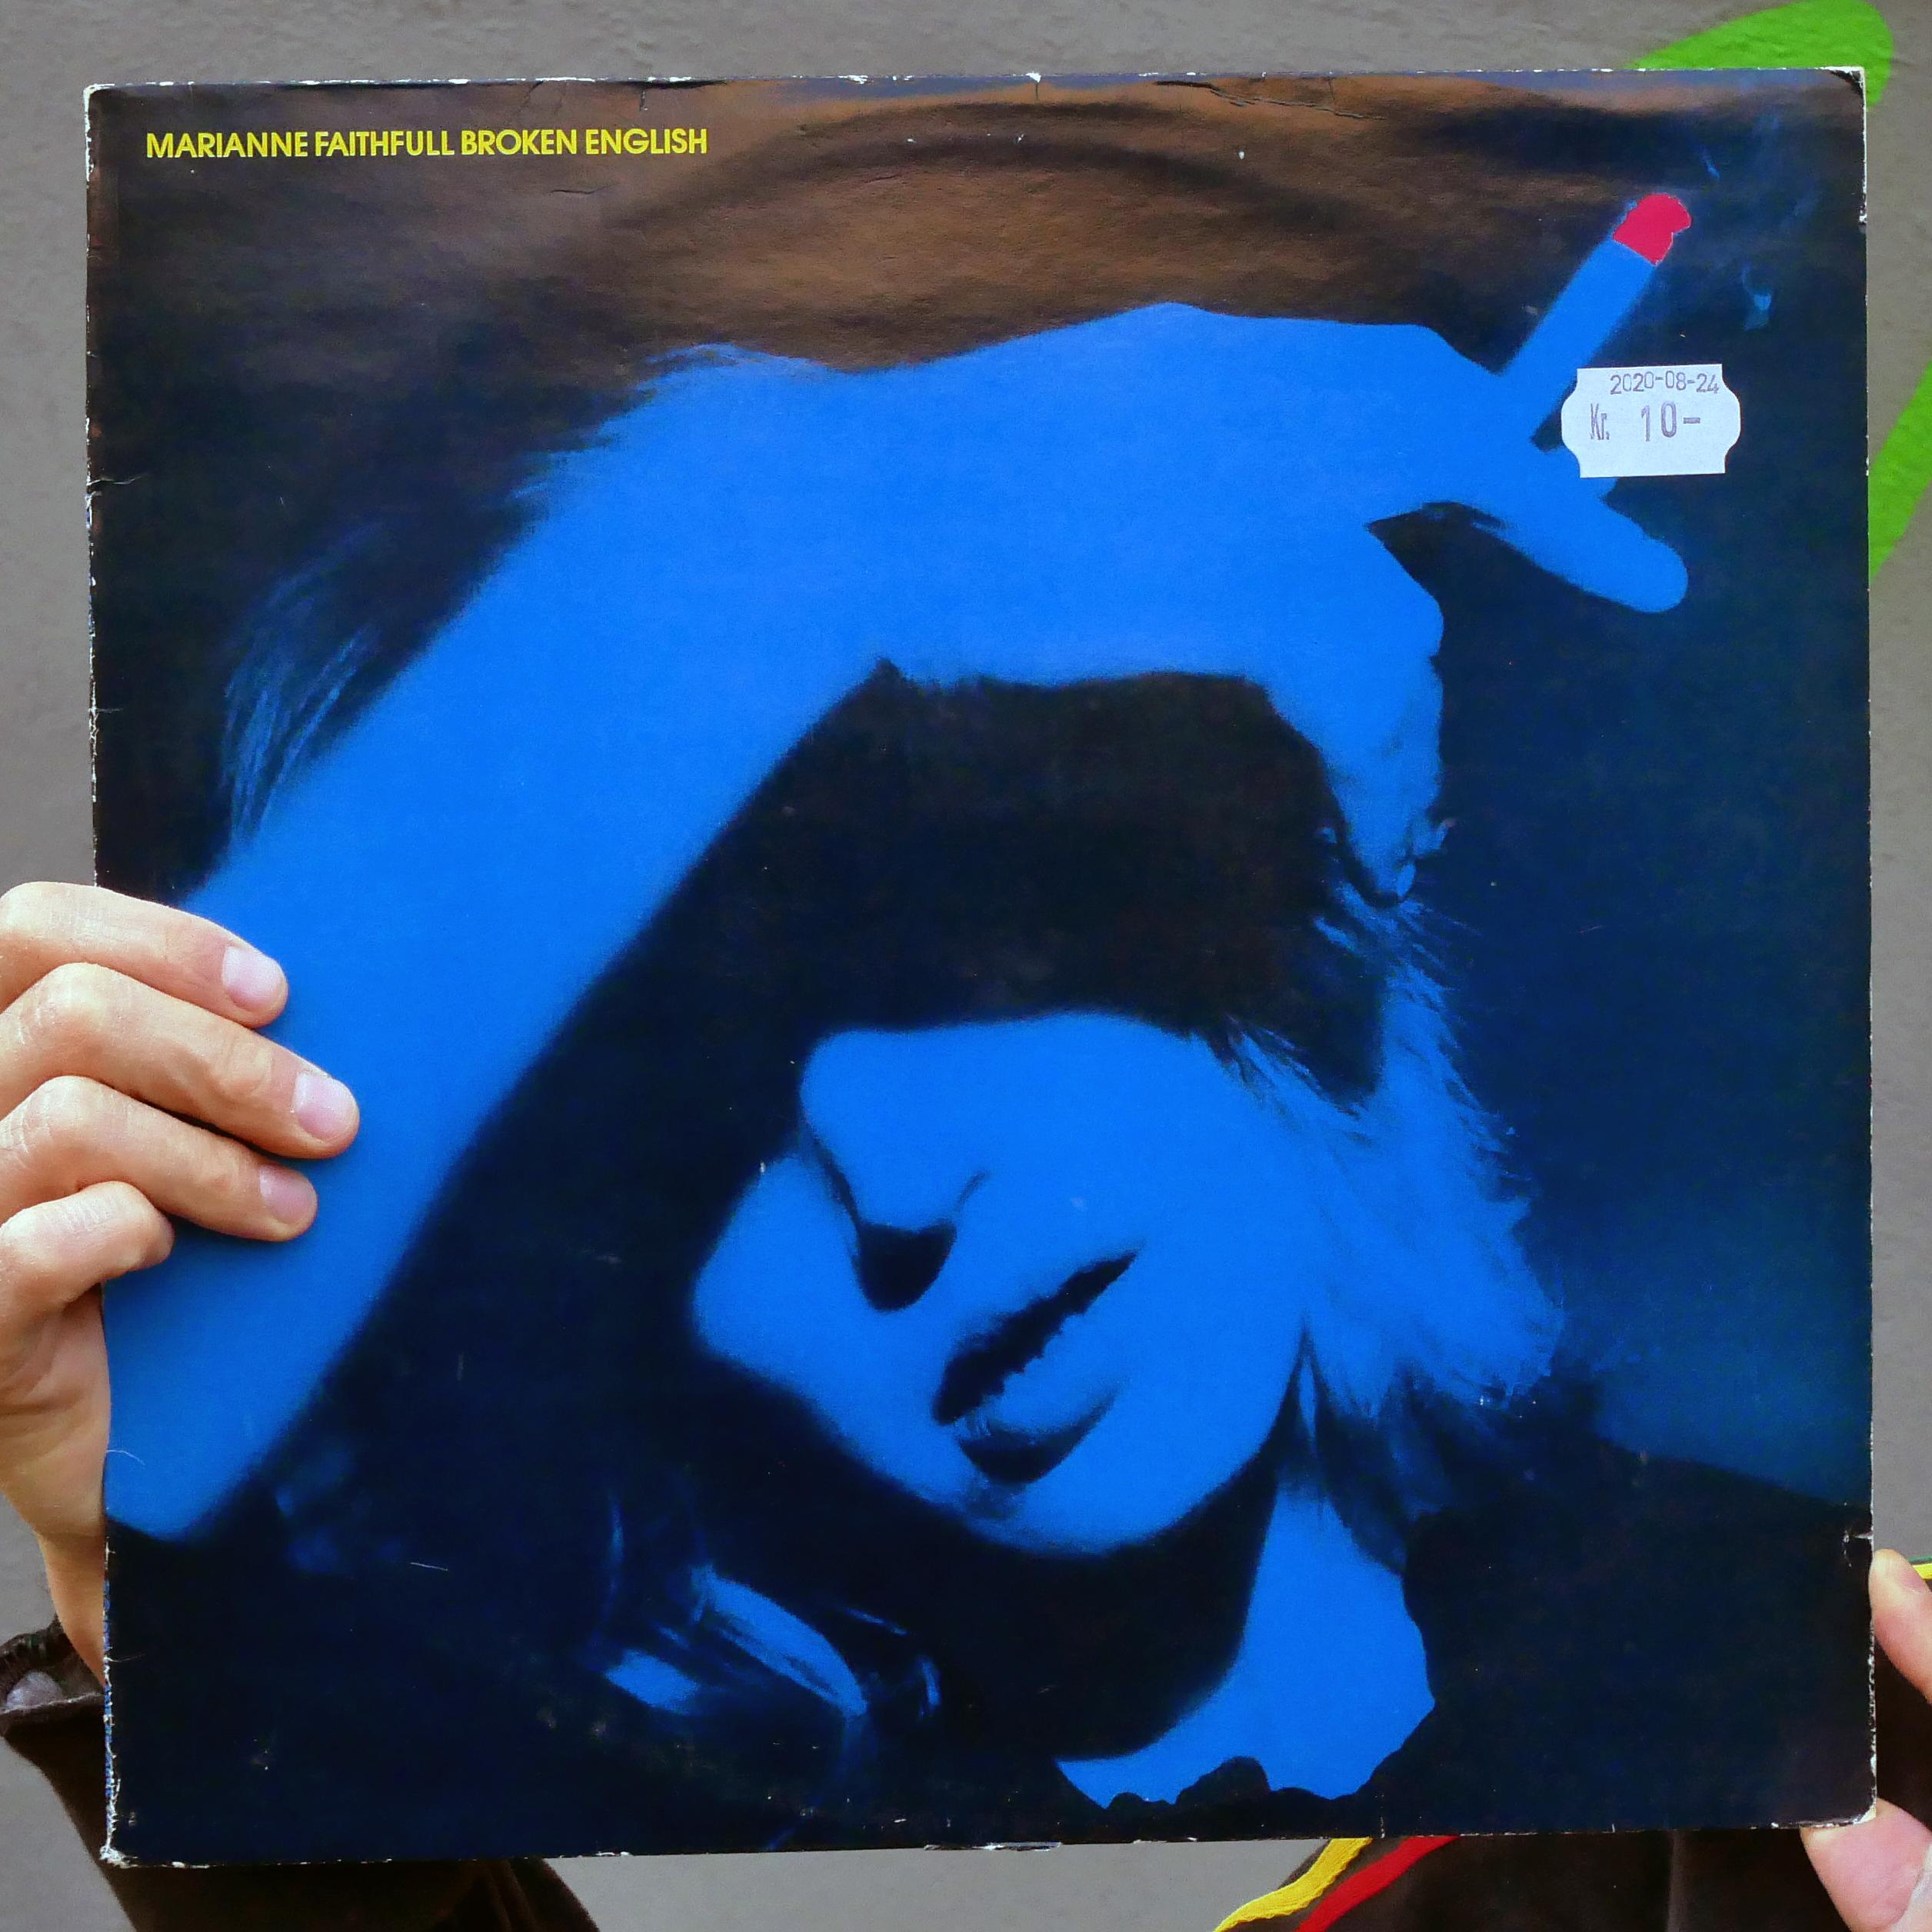 Marianne Faithfull –Broken English [LP, 1979]